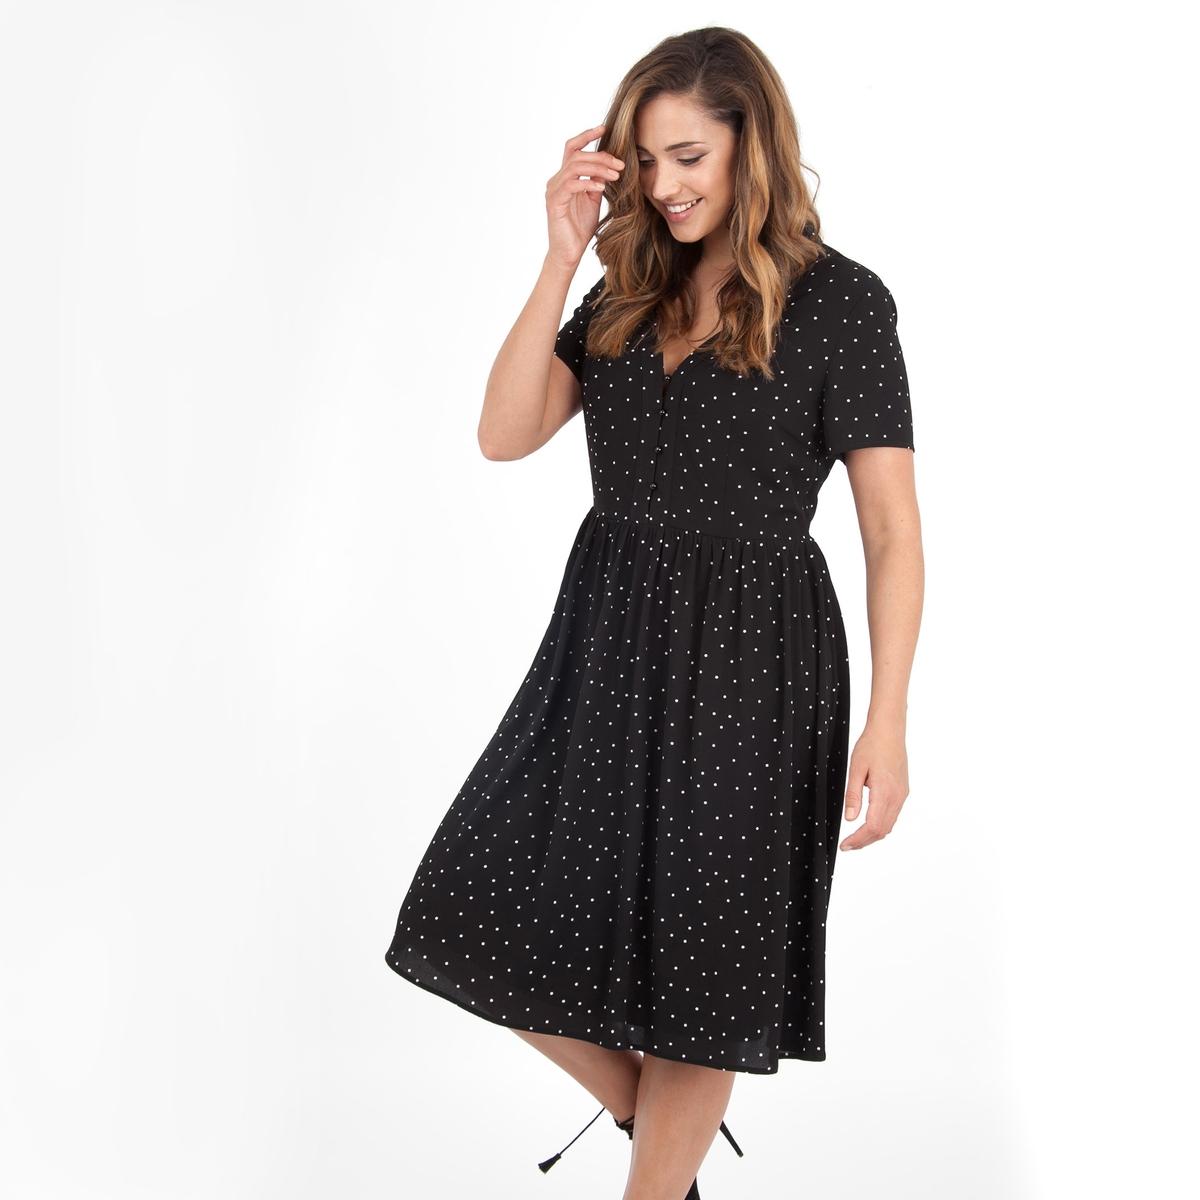 ПлатьеПлатье с короткими рукавами - LOVEDROBE. Красивое декольте с небольшими пуговицами. Длина ок.104 см. 100% полиэстера.<br><br>Цвет: в горошек<br>Размер: 48 (FR) - 54 (RUS)